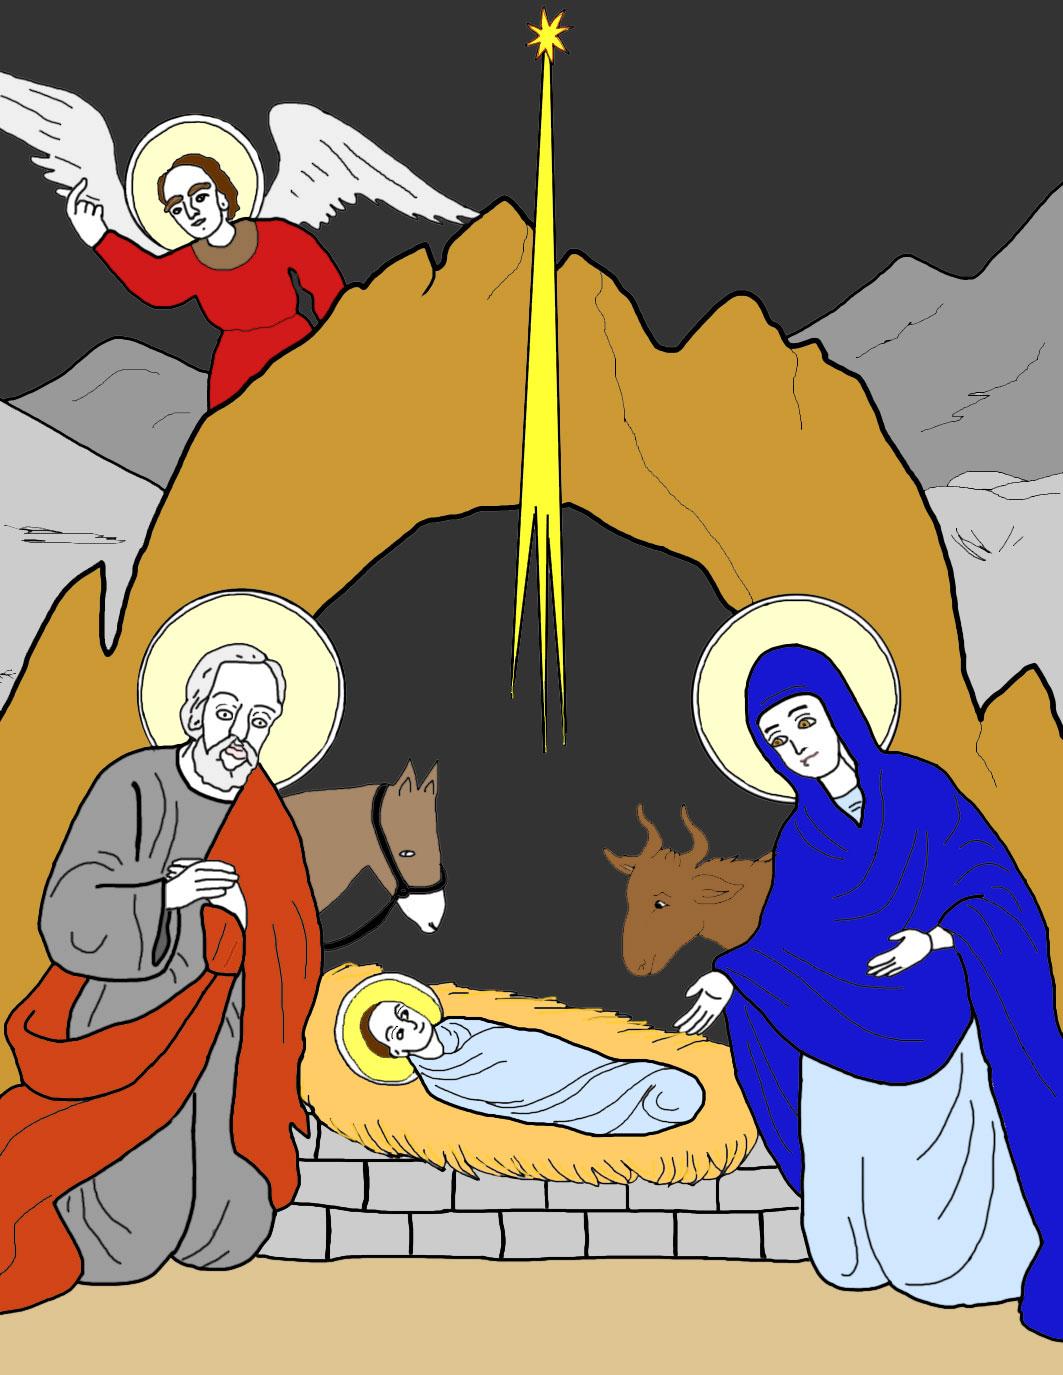 Jesus in the manger.